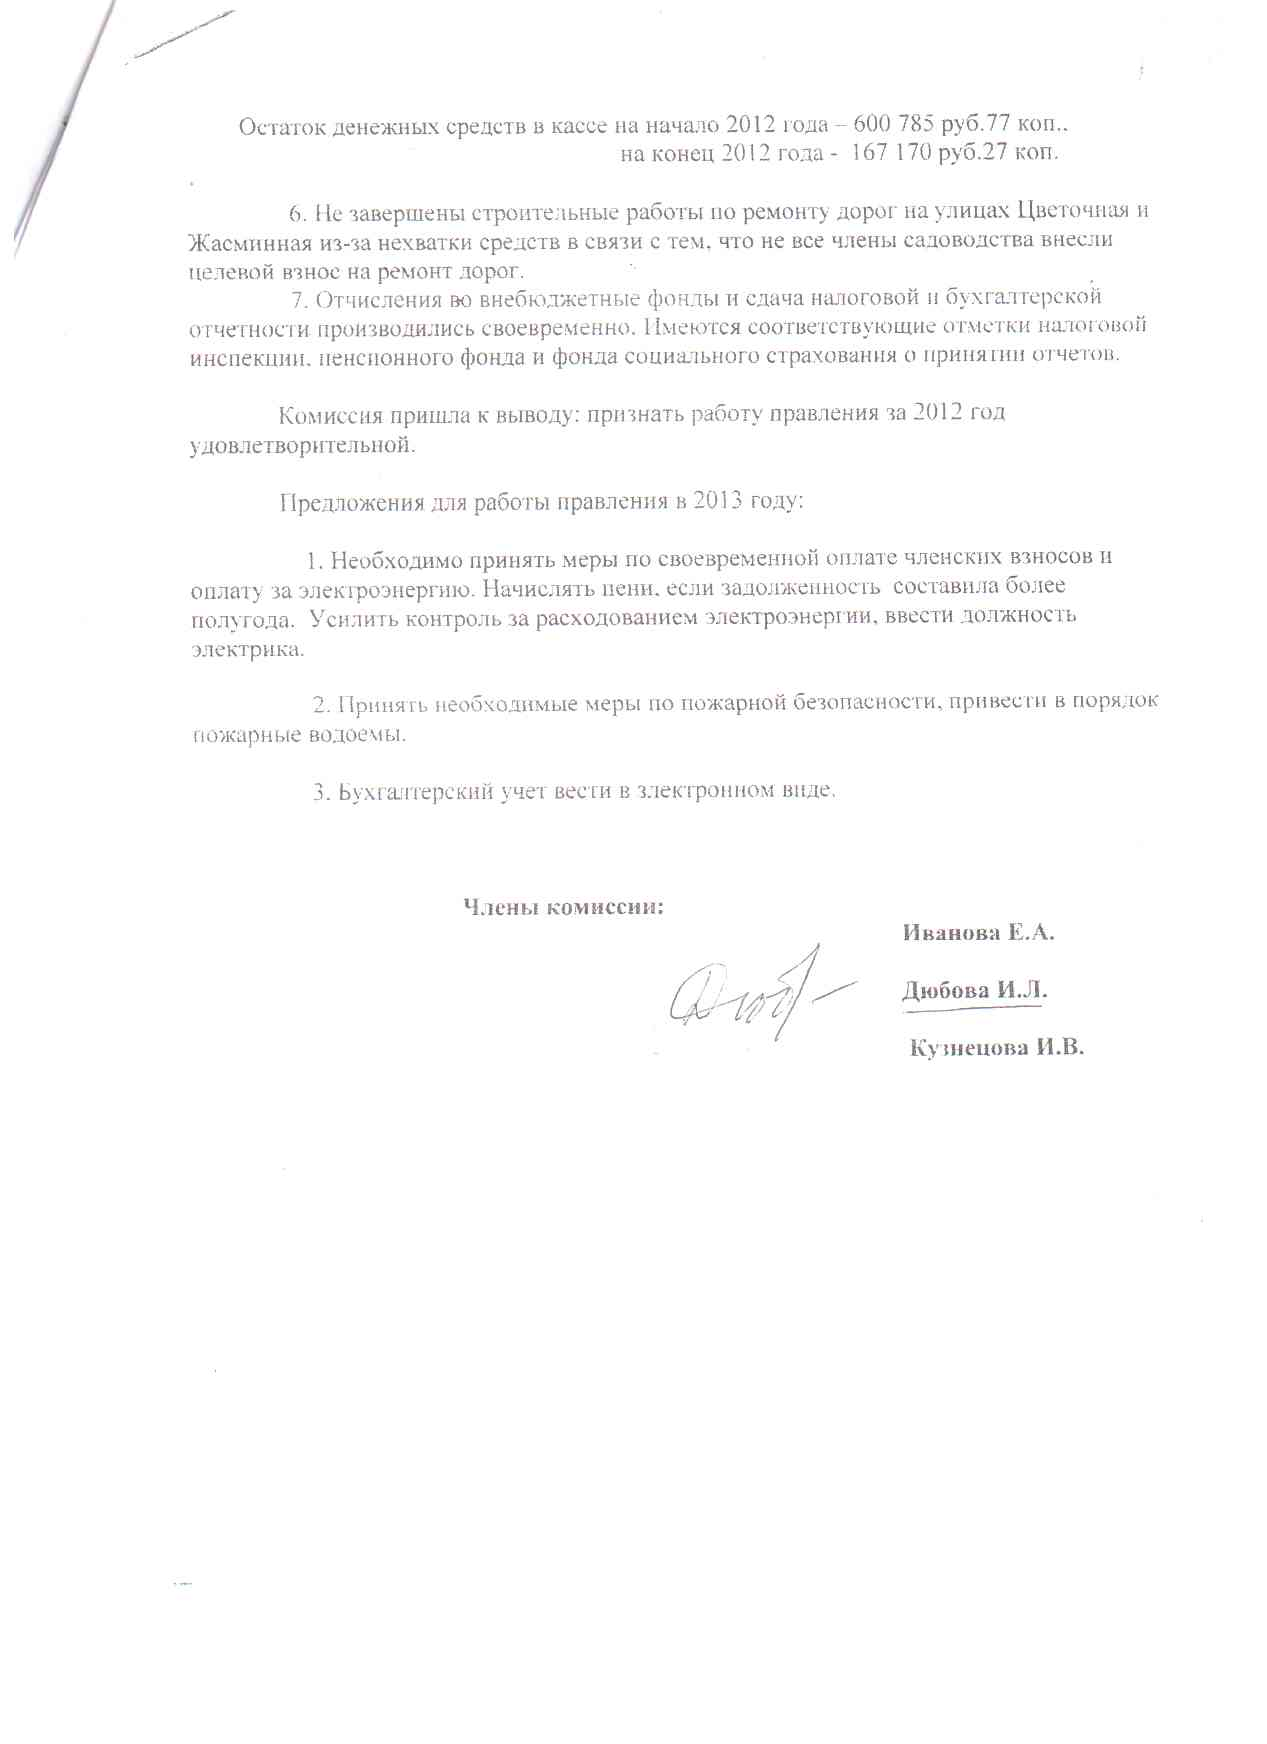 Акт ревизионной комиссии СНТ